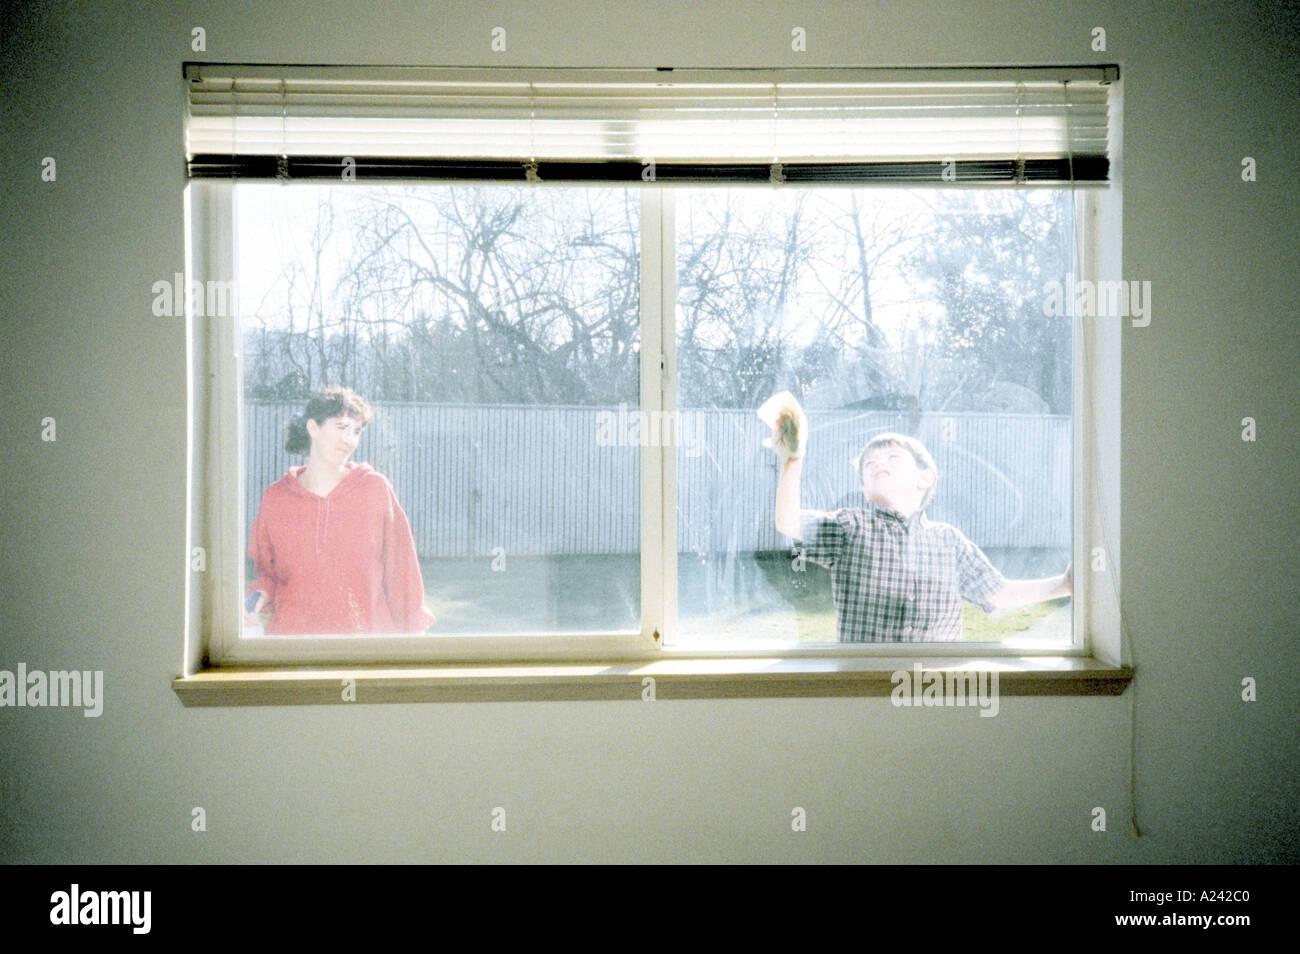 Guardare la madre figlio lavare window vista dall'interno di casa Immagini Stock